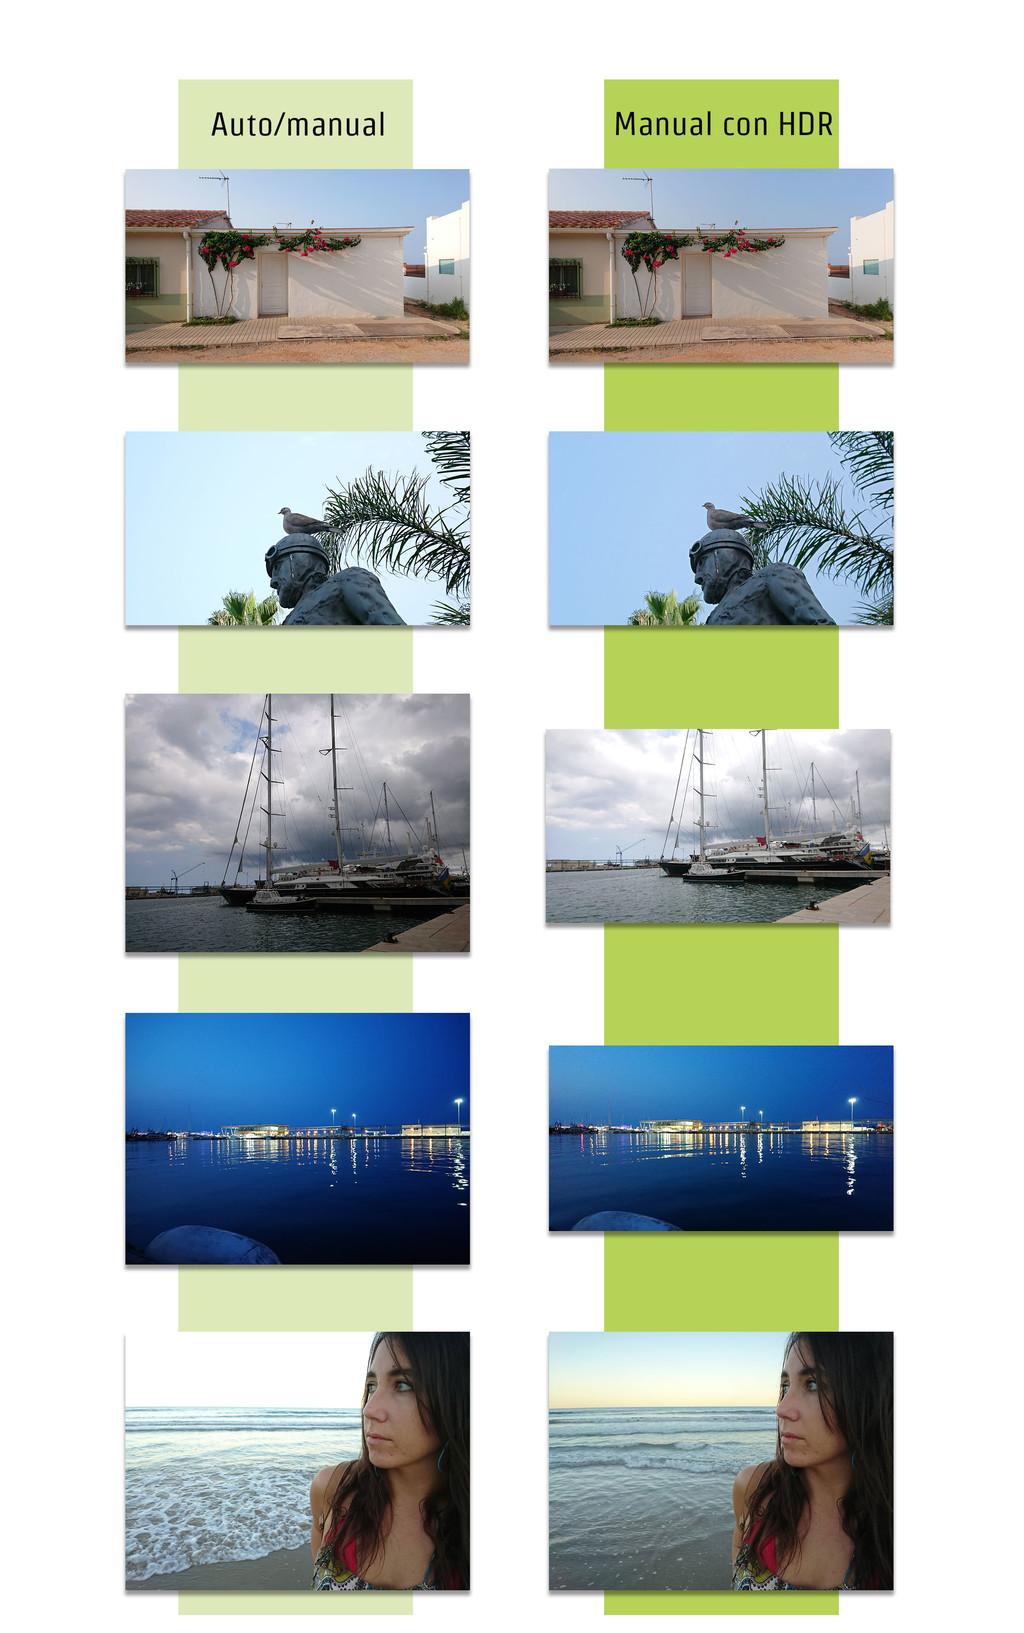 Sony Xperia Xz1 Comparacion HDR